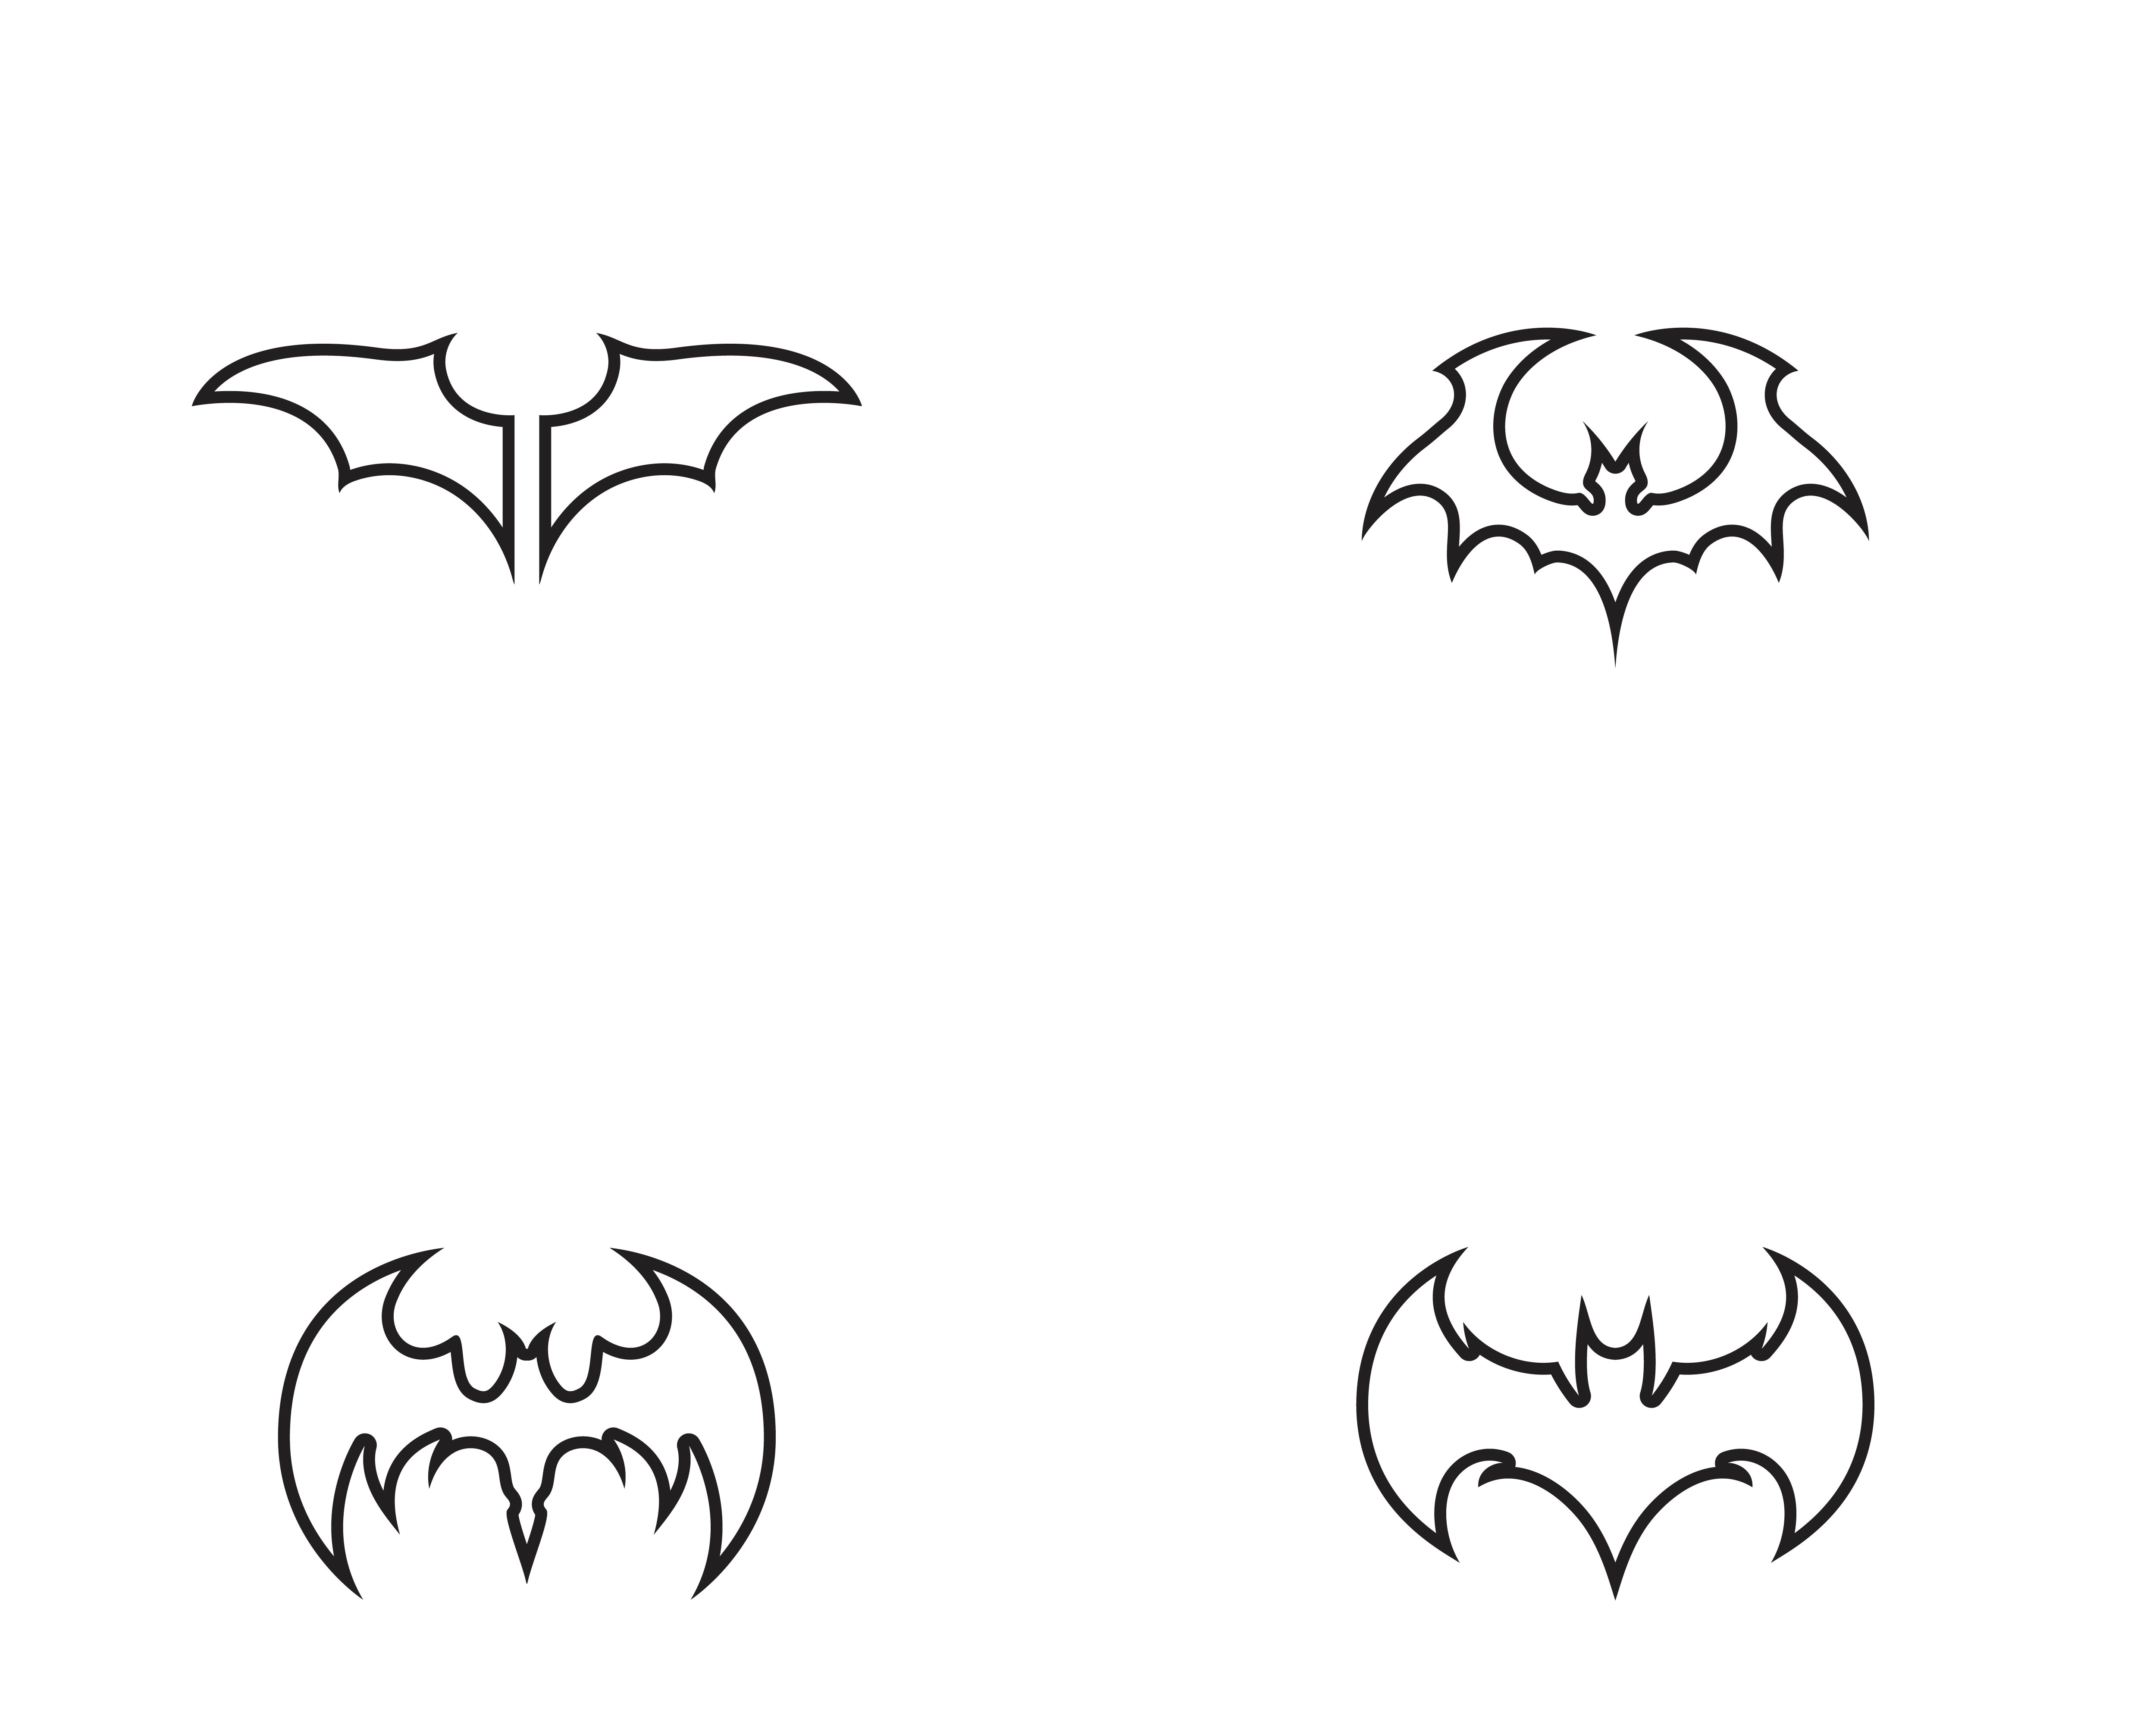 蝙蝠圖 免費下載 | 天天瘋後製